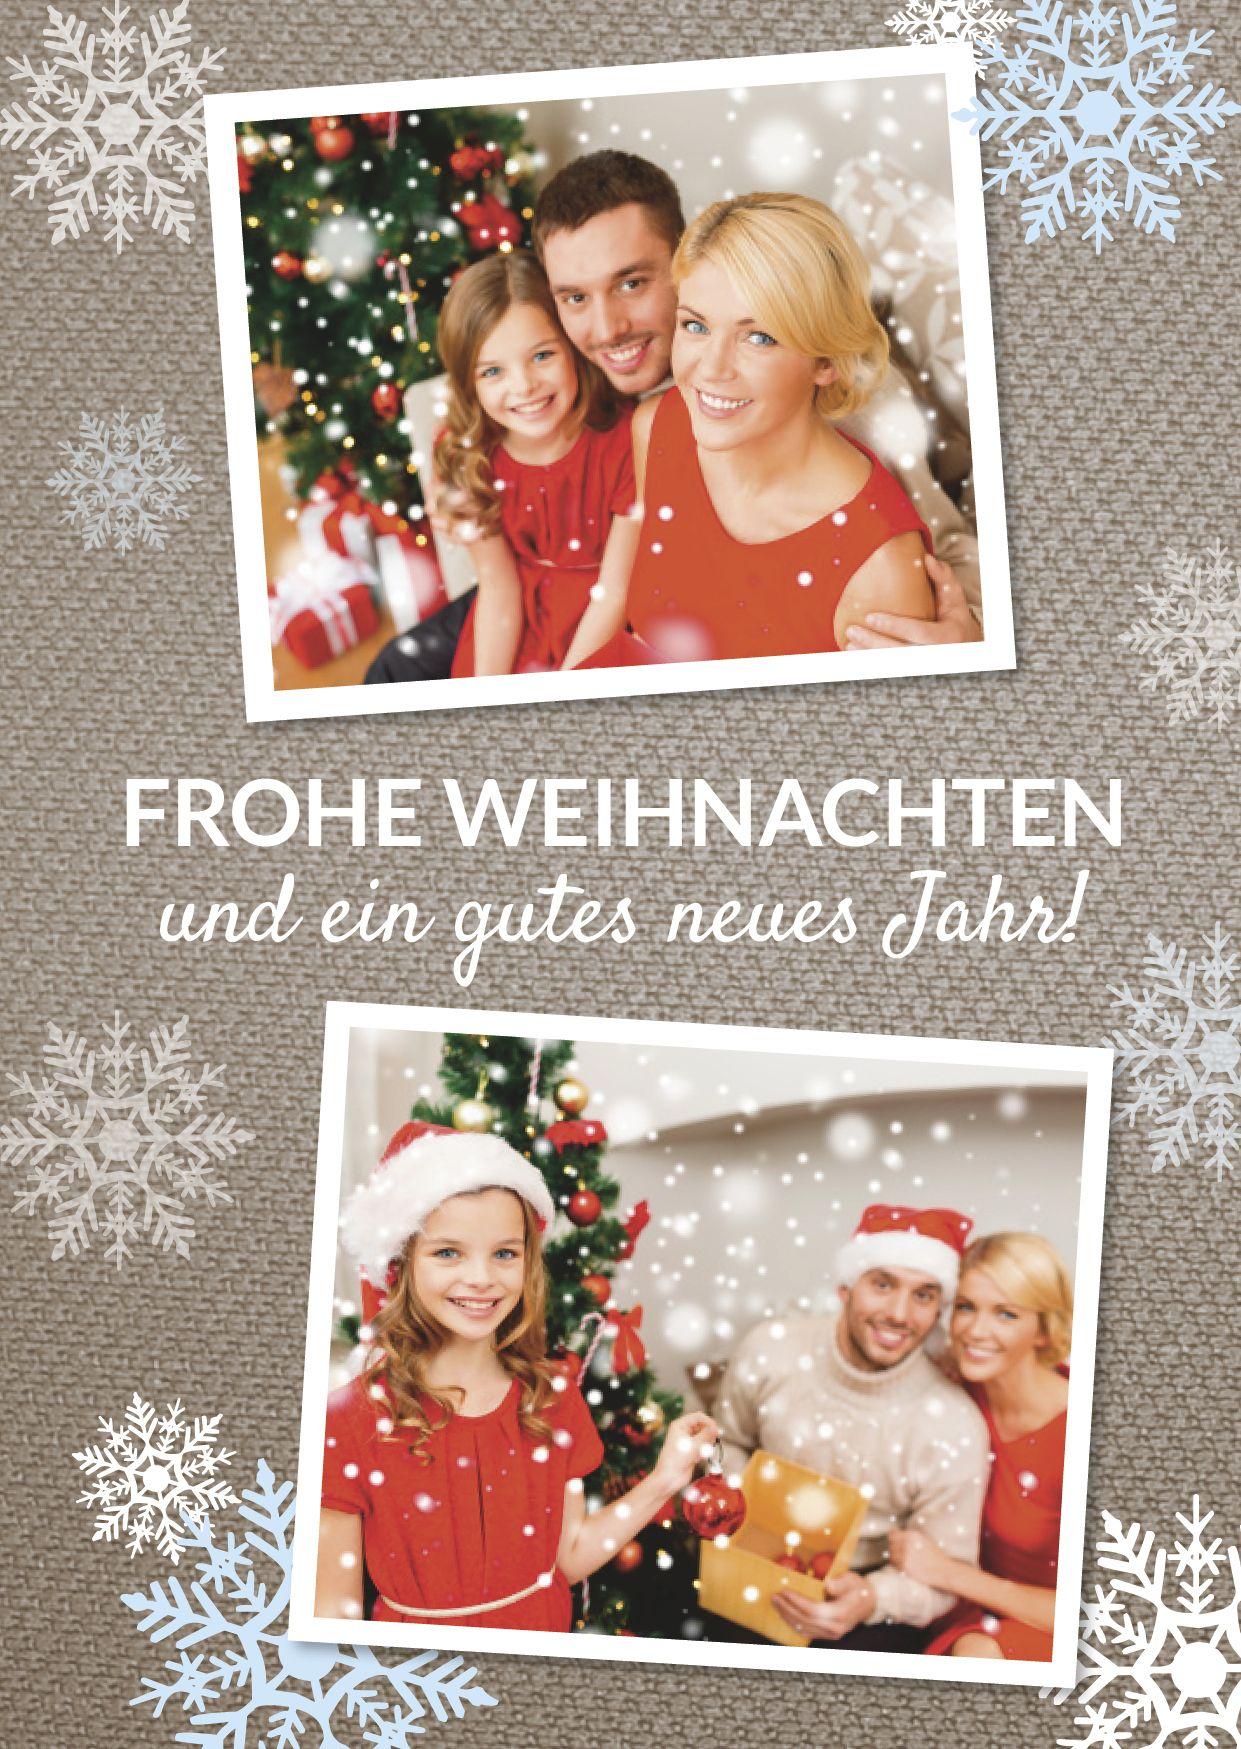 Persönliche Weihnachtskarten Foto.Wunderschöne Weihnachtskarte Für Die Ganze Familie Persönliche